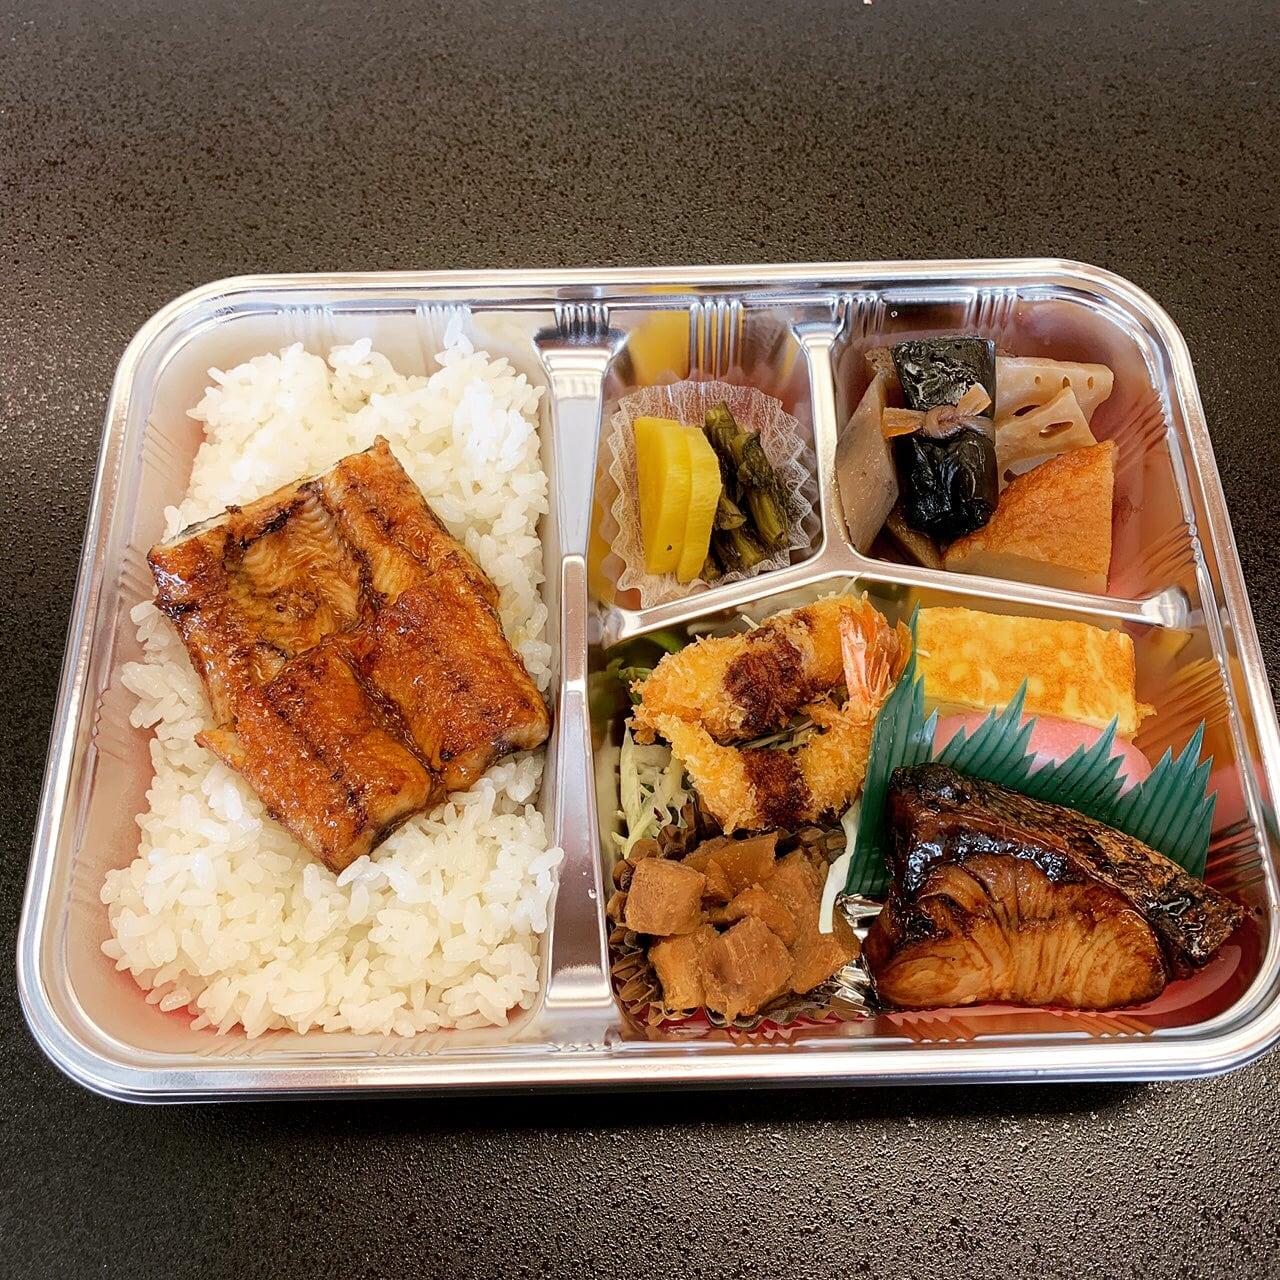 【テイクアウト・出前用】お弁当(うなぎ入り)・味噌汁付のイメージその1